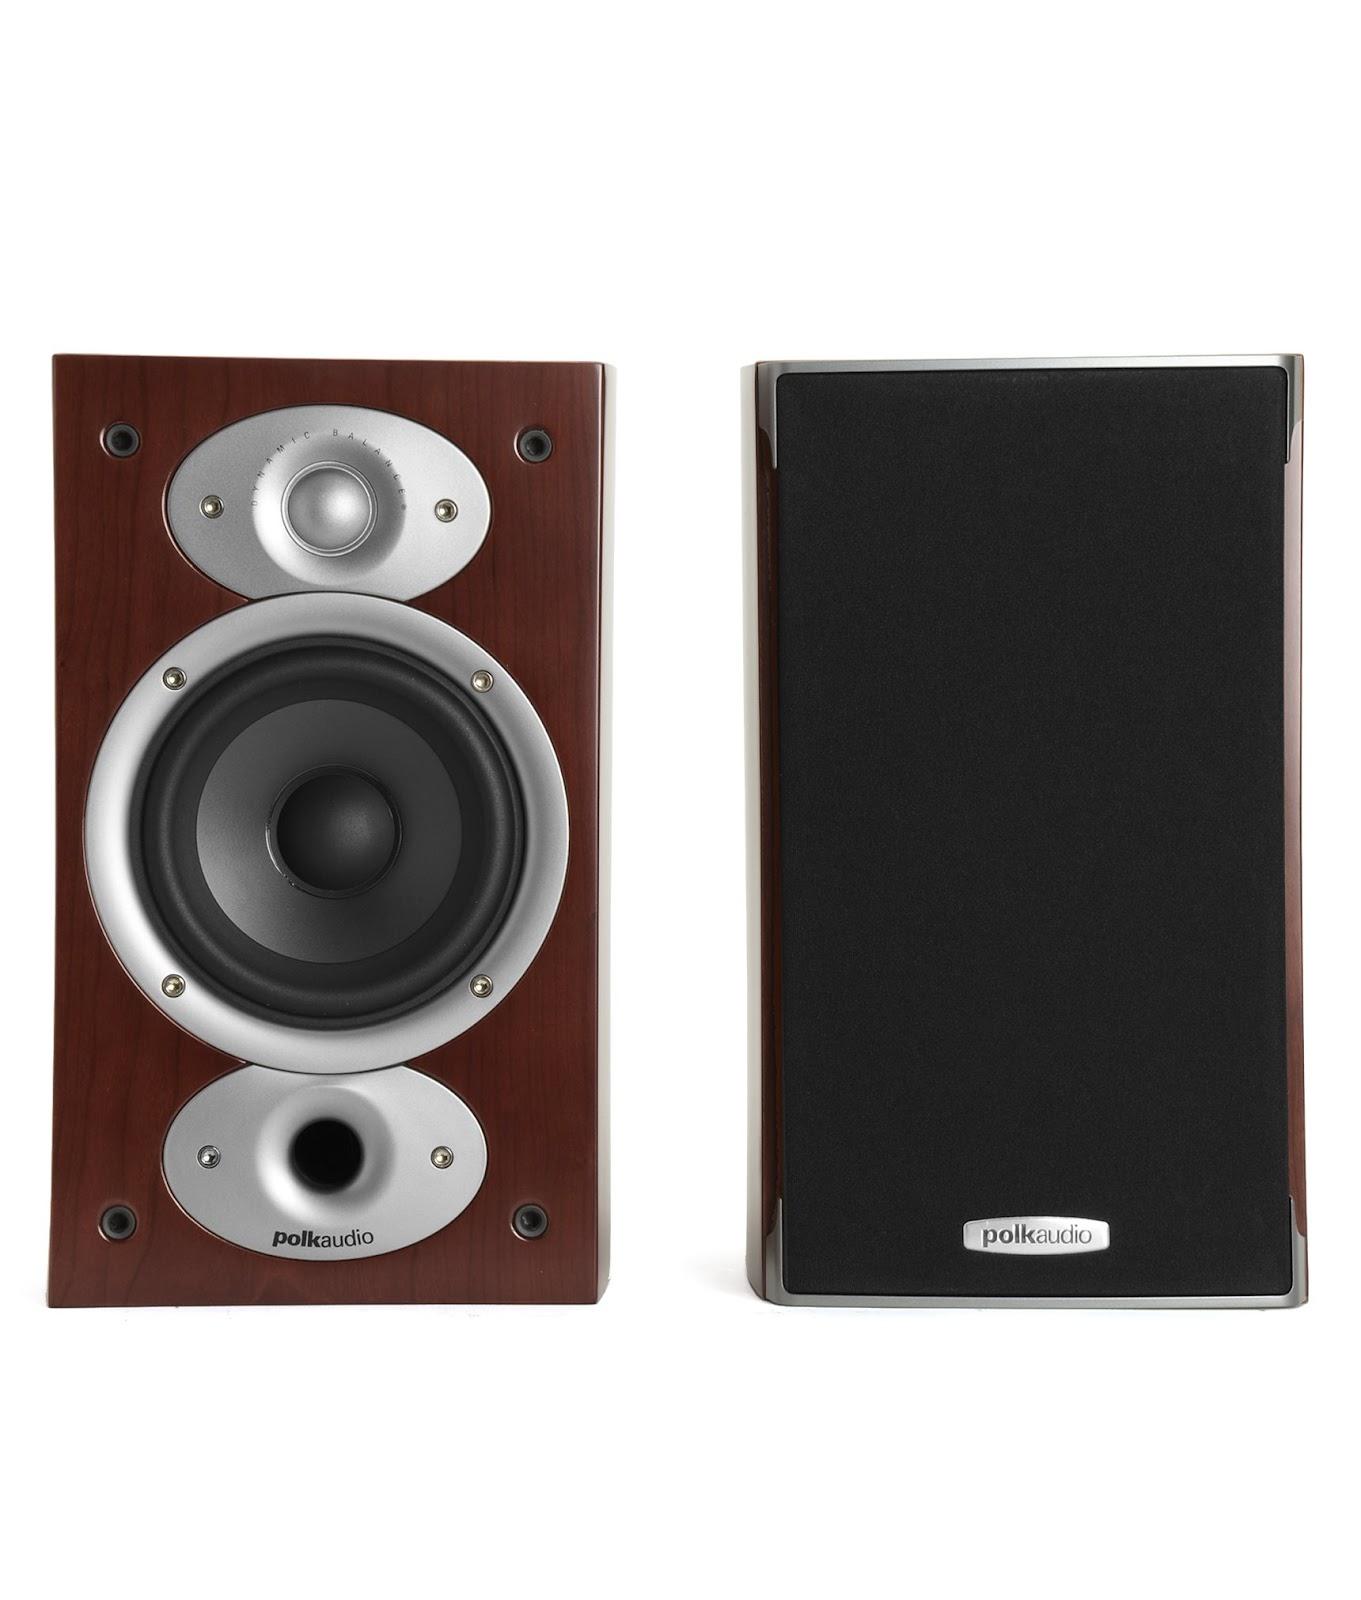 Amply Denon X1600H + Bộ Loa Polk Audio A7 rất sang trọng, âm thanh hay - 4